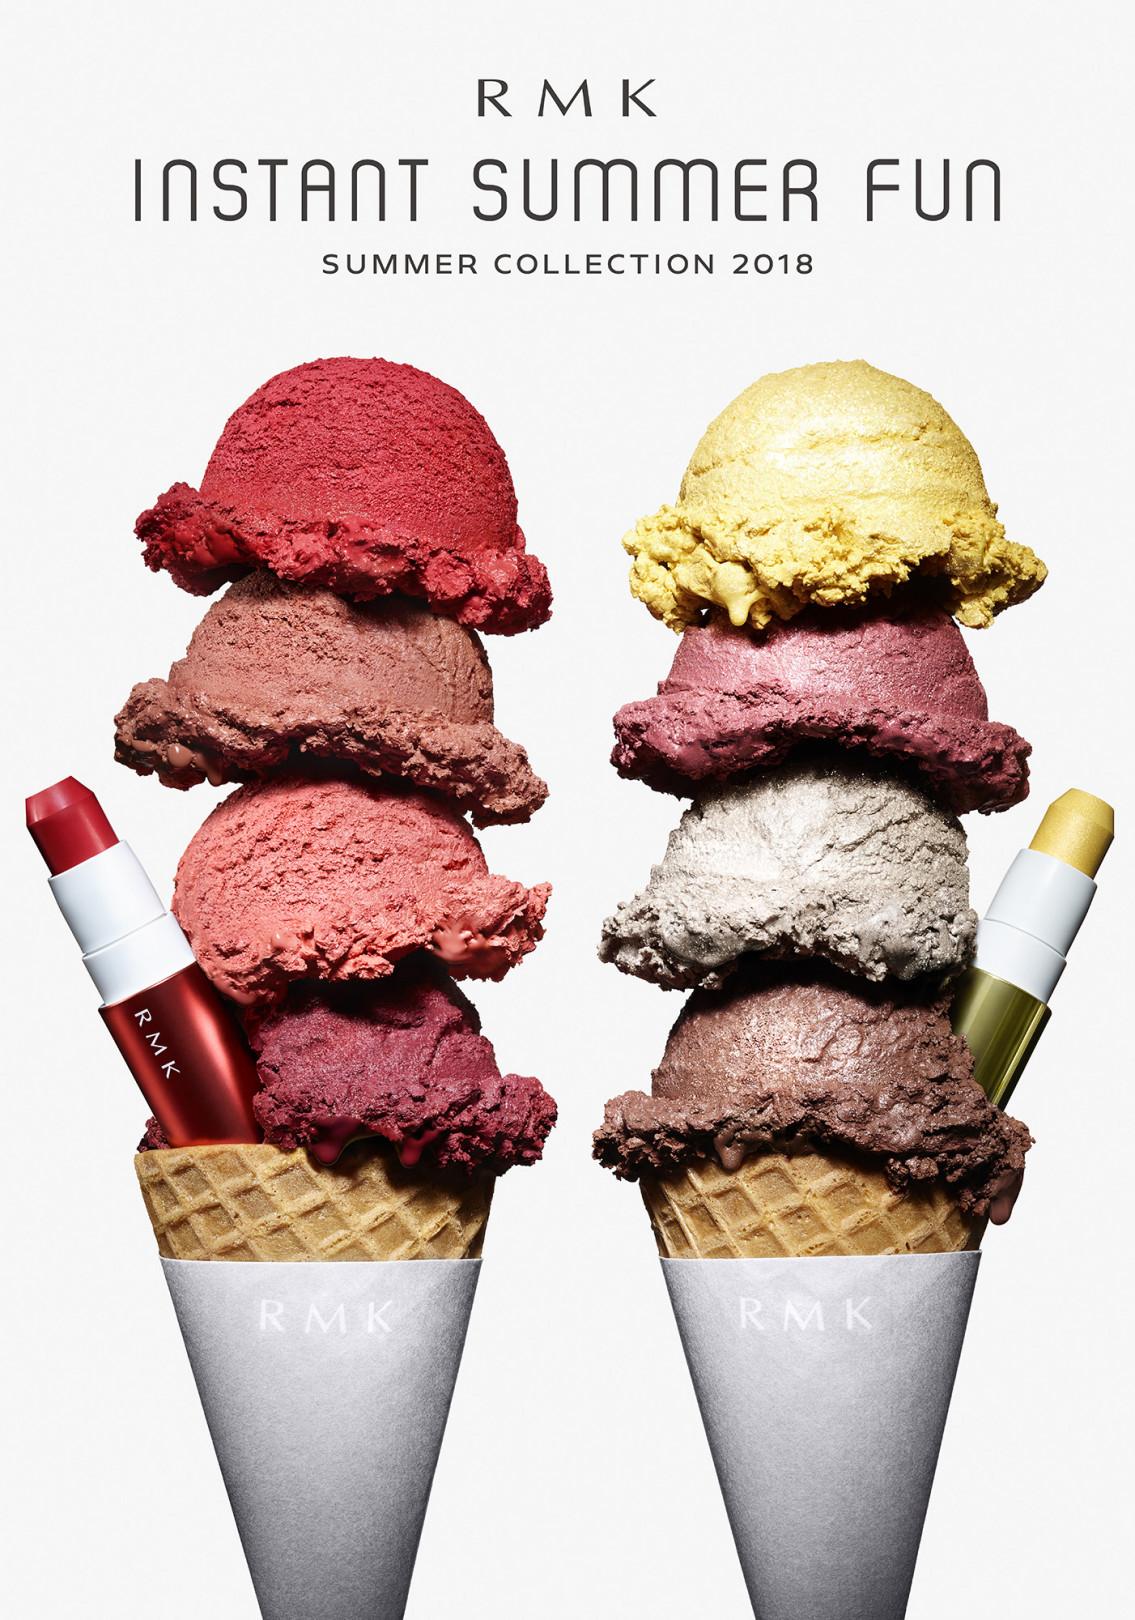 アールエムケー(RMK)2018年サマーコレクション「INSTANT SUMMER FUN」